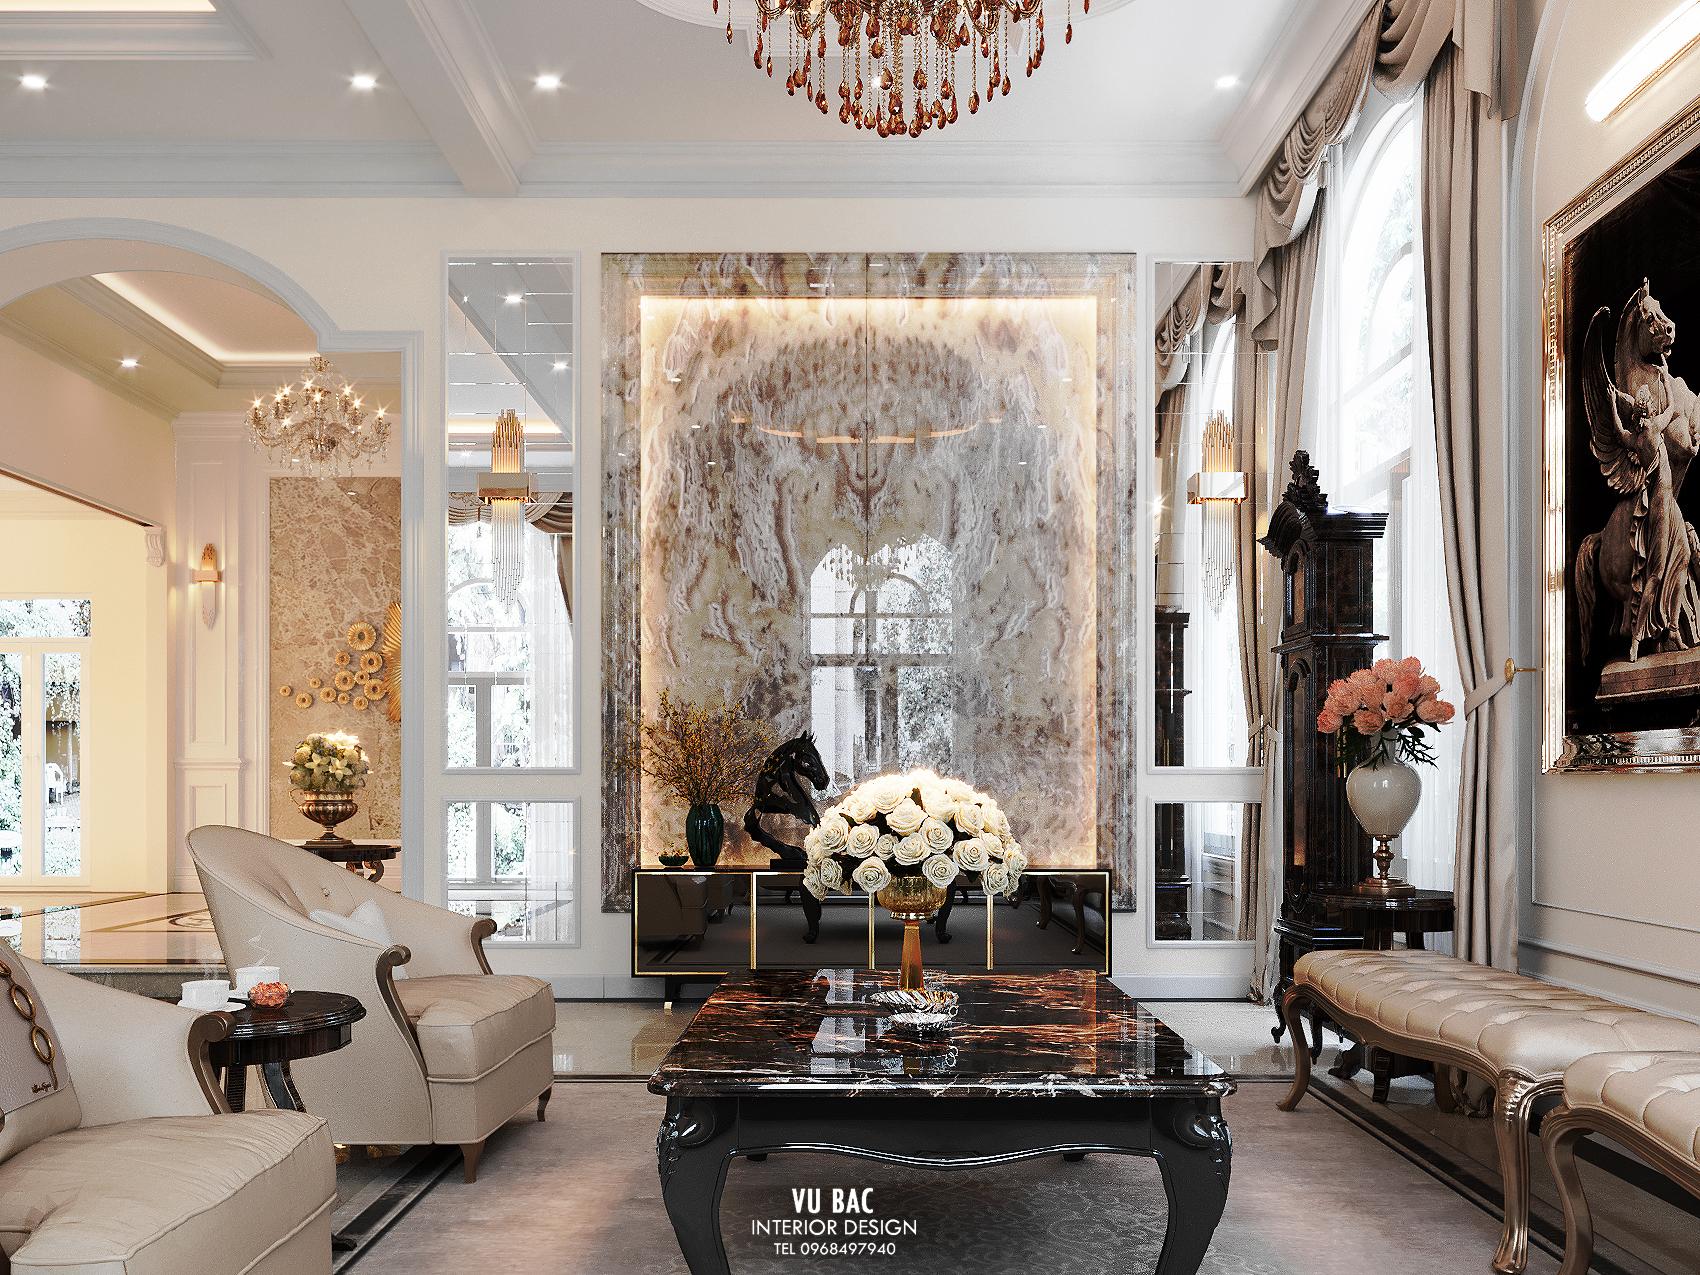 thiết kế nội thất Biệt Thự tại Hồ Chí Minh Villa Ven Sông Q7, Hồ Chí Minh 1 1548942844